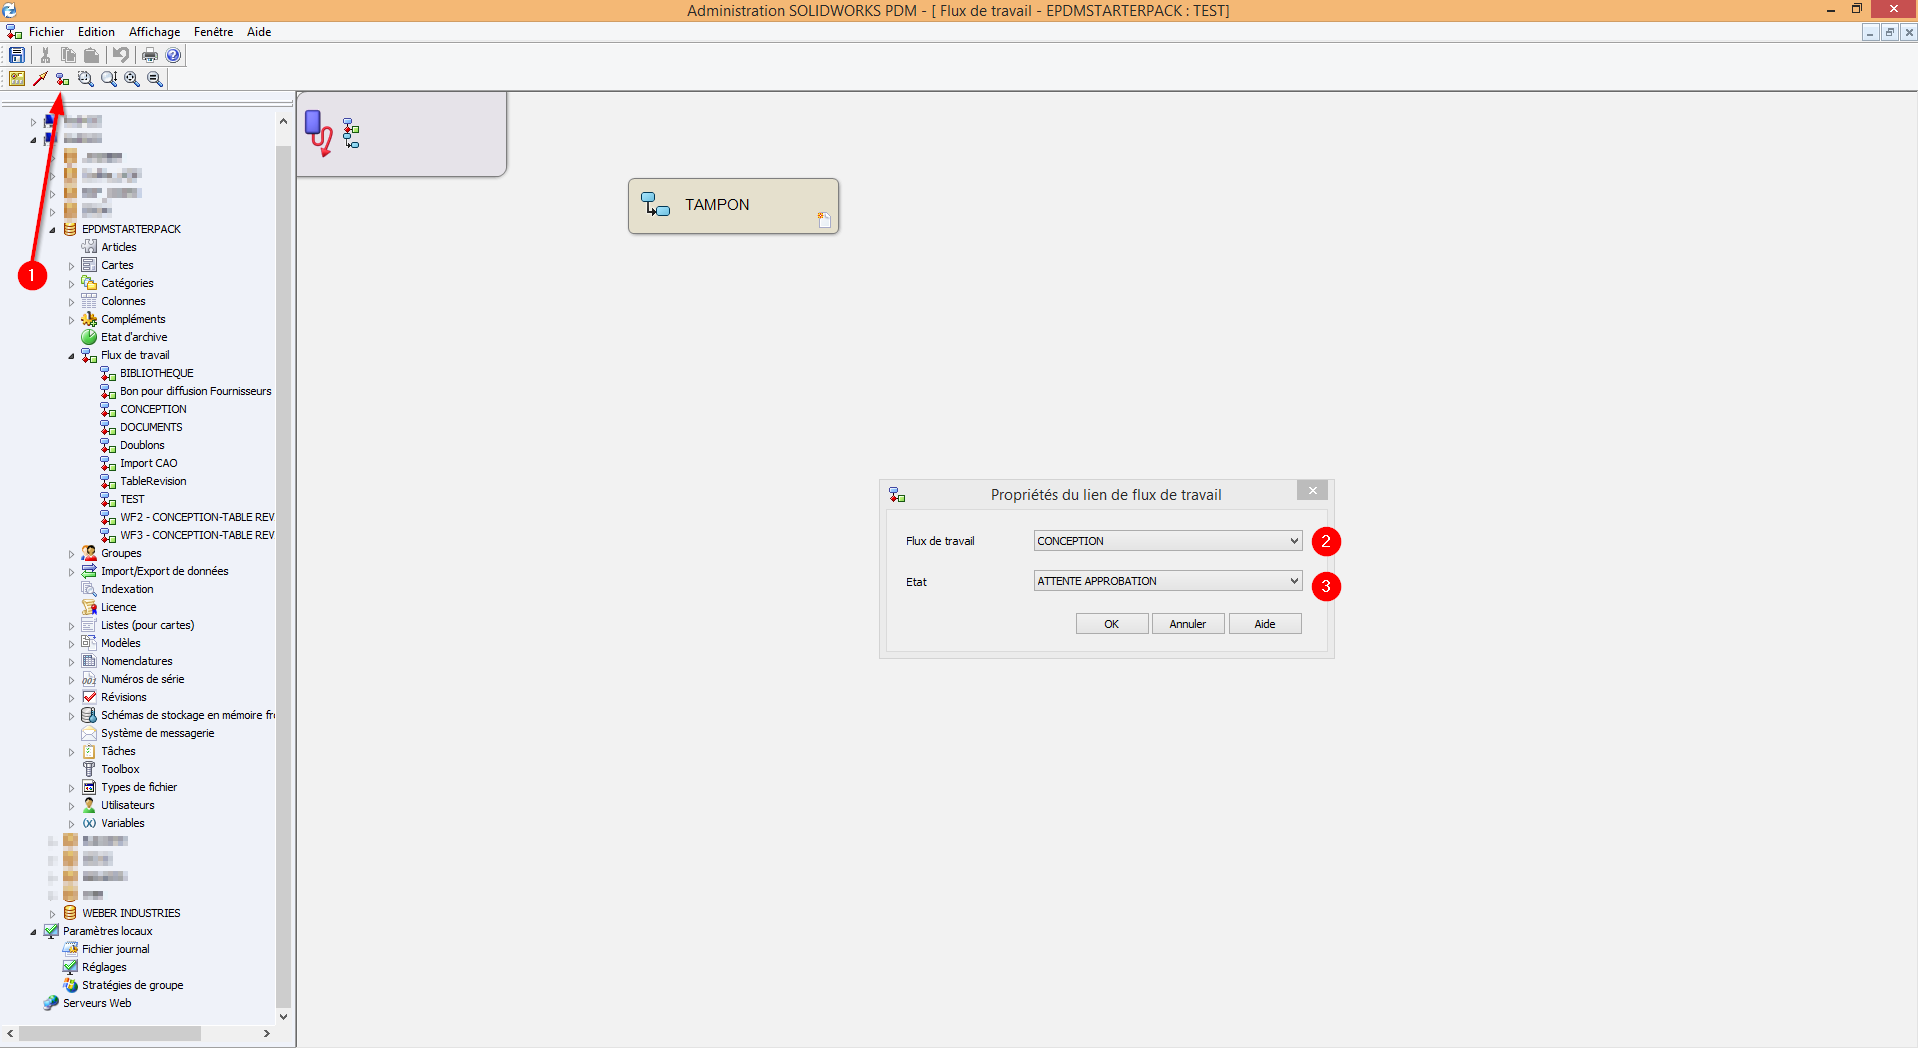 Changer le flux de travail d'un fichier SOLIDWORKS PDM